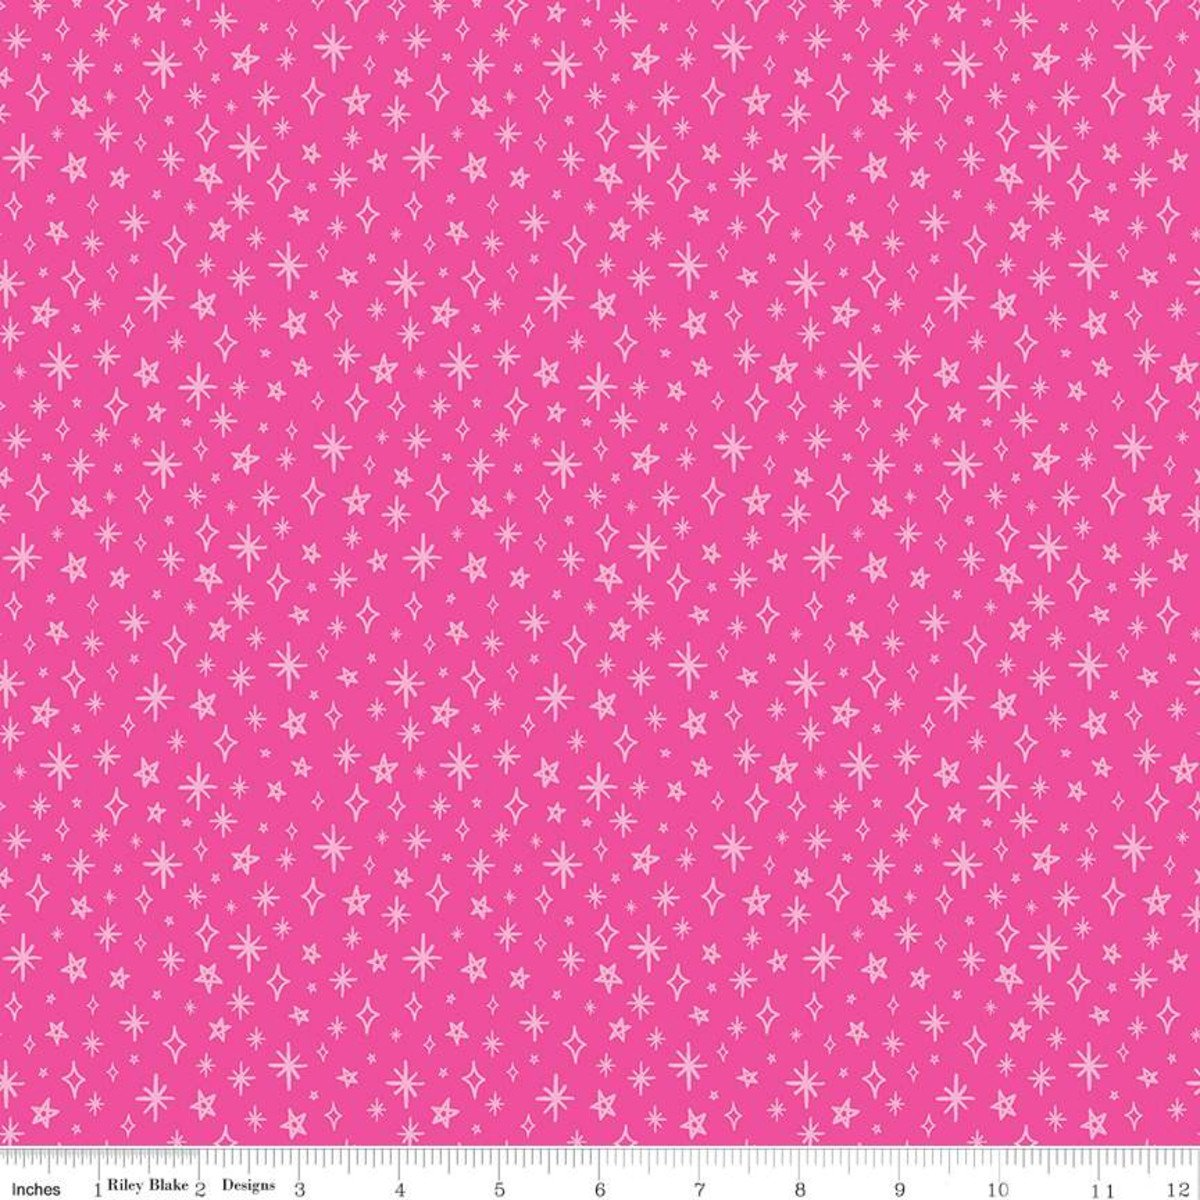 Fuchsia - Sparkle - Girl Power - C10654-FUCHSIA